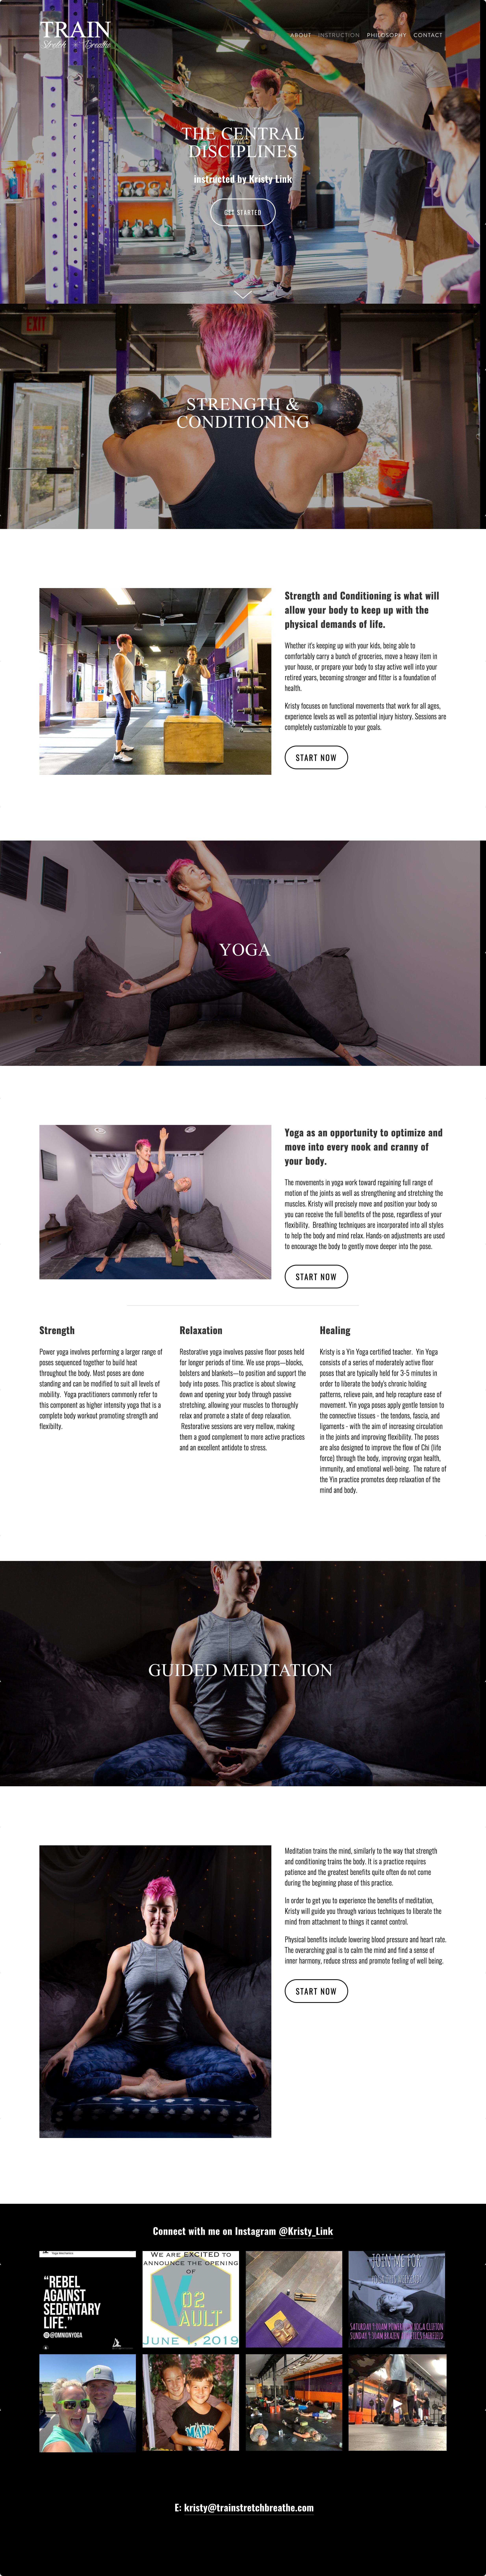 screencapture-okra-pufferfish-zbzy-squarespace-instruction-2019-05-08-09_16_24 copy.jpg